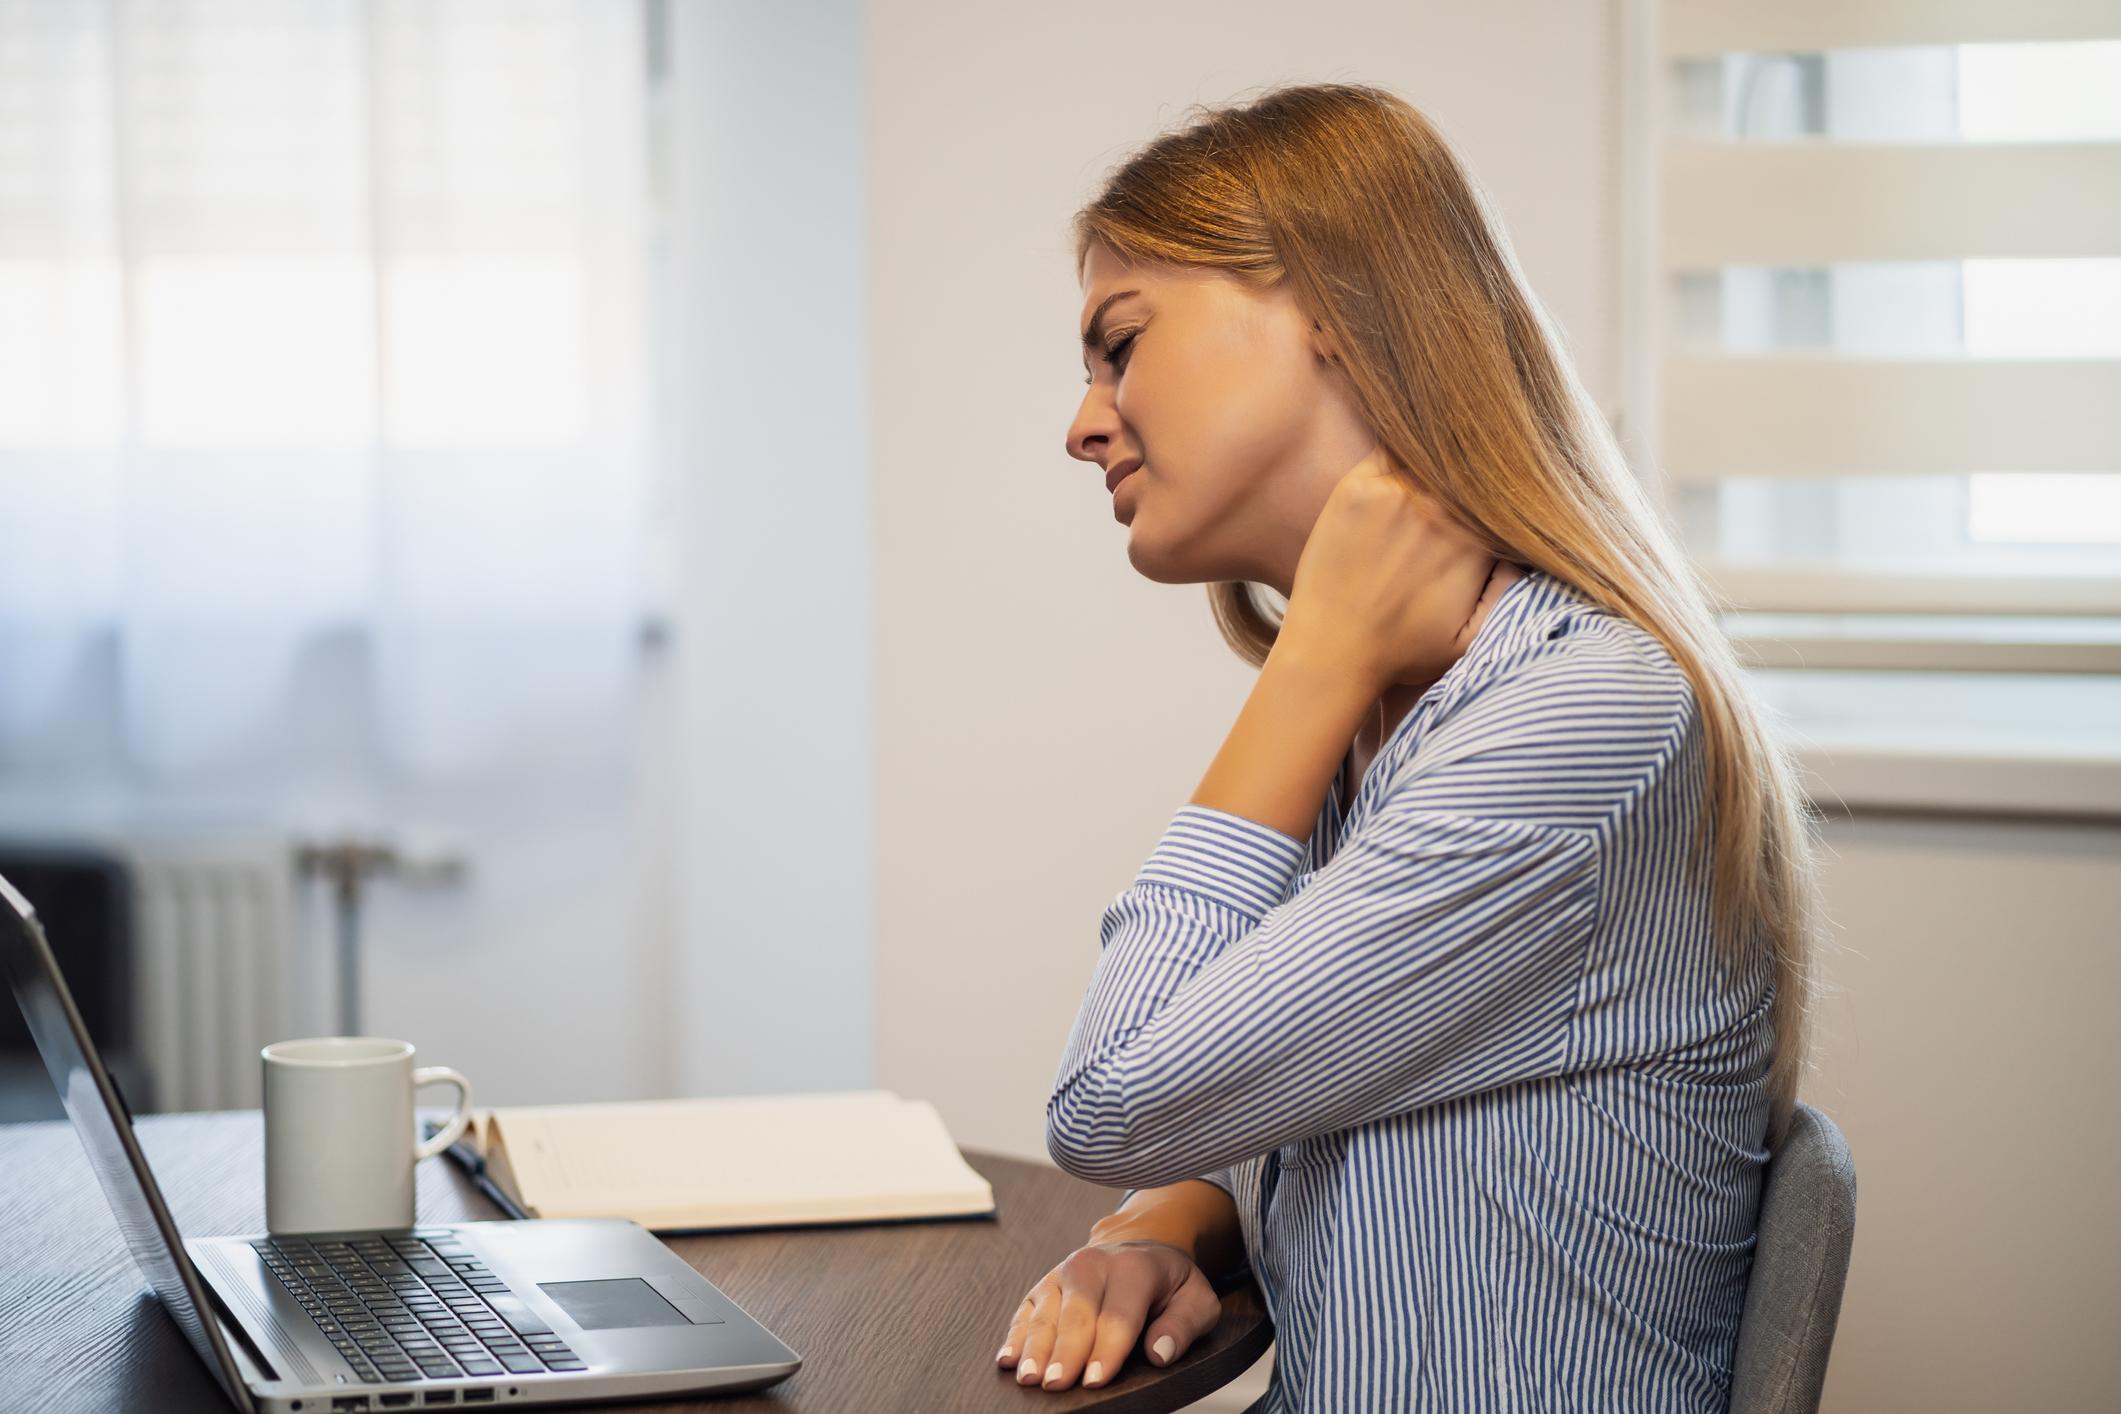 comment éviter les douleurs musculaires en télétravail